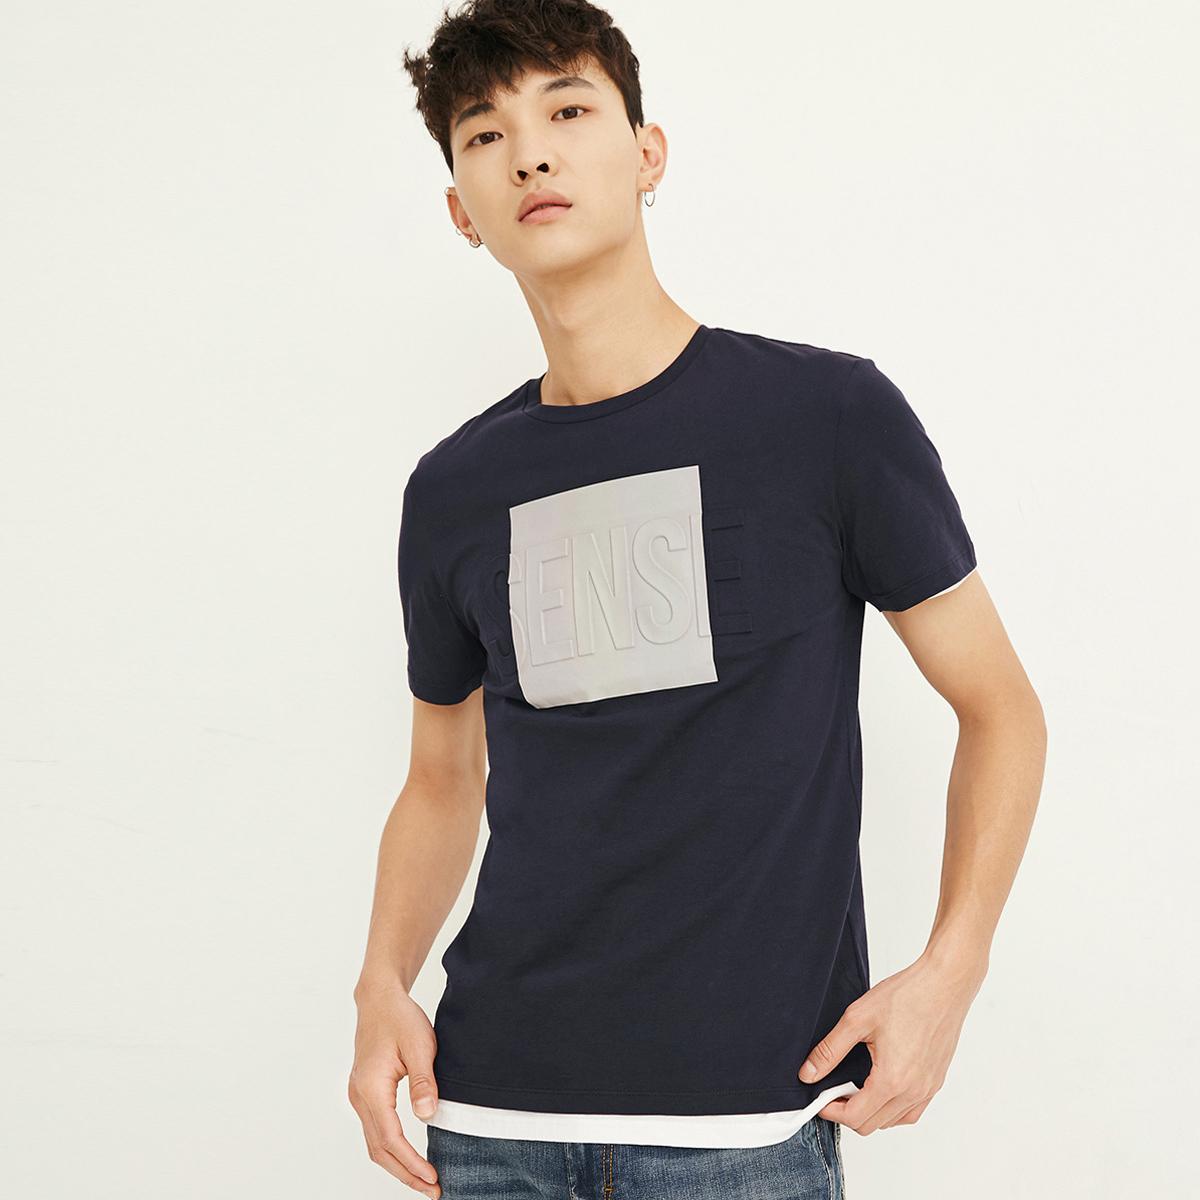 JackJones杰克琼斯男纯棉立体胶印短袖T恤C|217301523